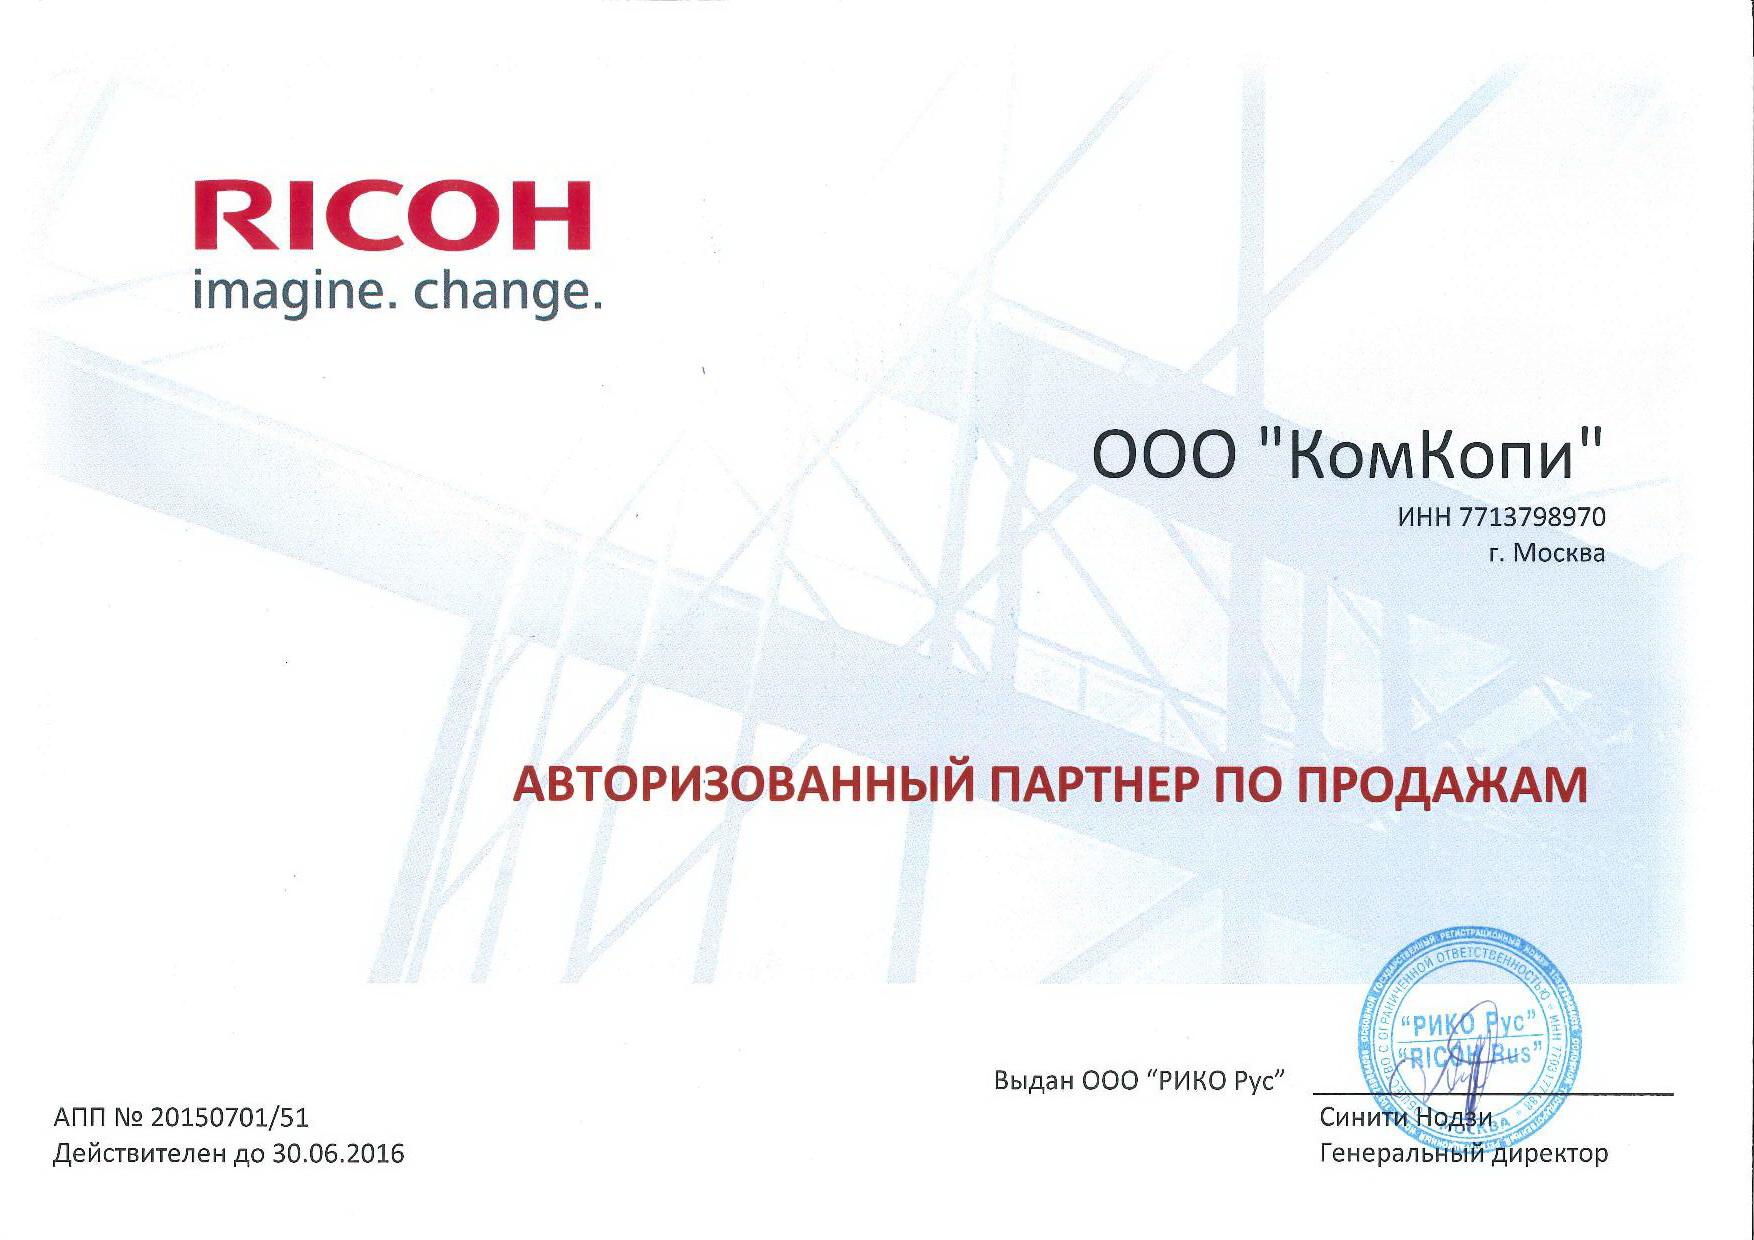 Авторизованный партнер Ricoh по сервису